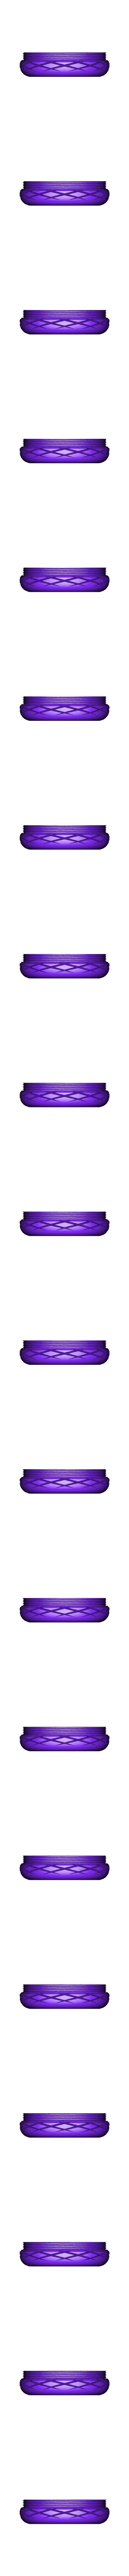 hpcase1.stl Télécharger fichier STL Affaire des écouteurs • Modèle pour impression 3D, marcelosiciliano10